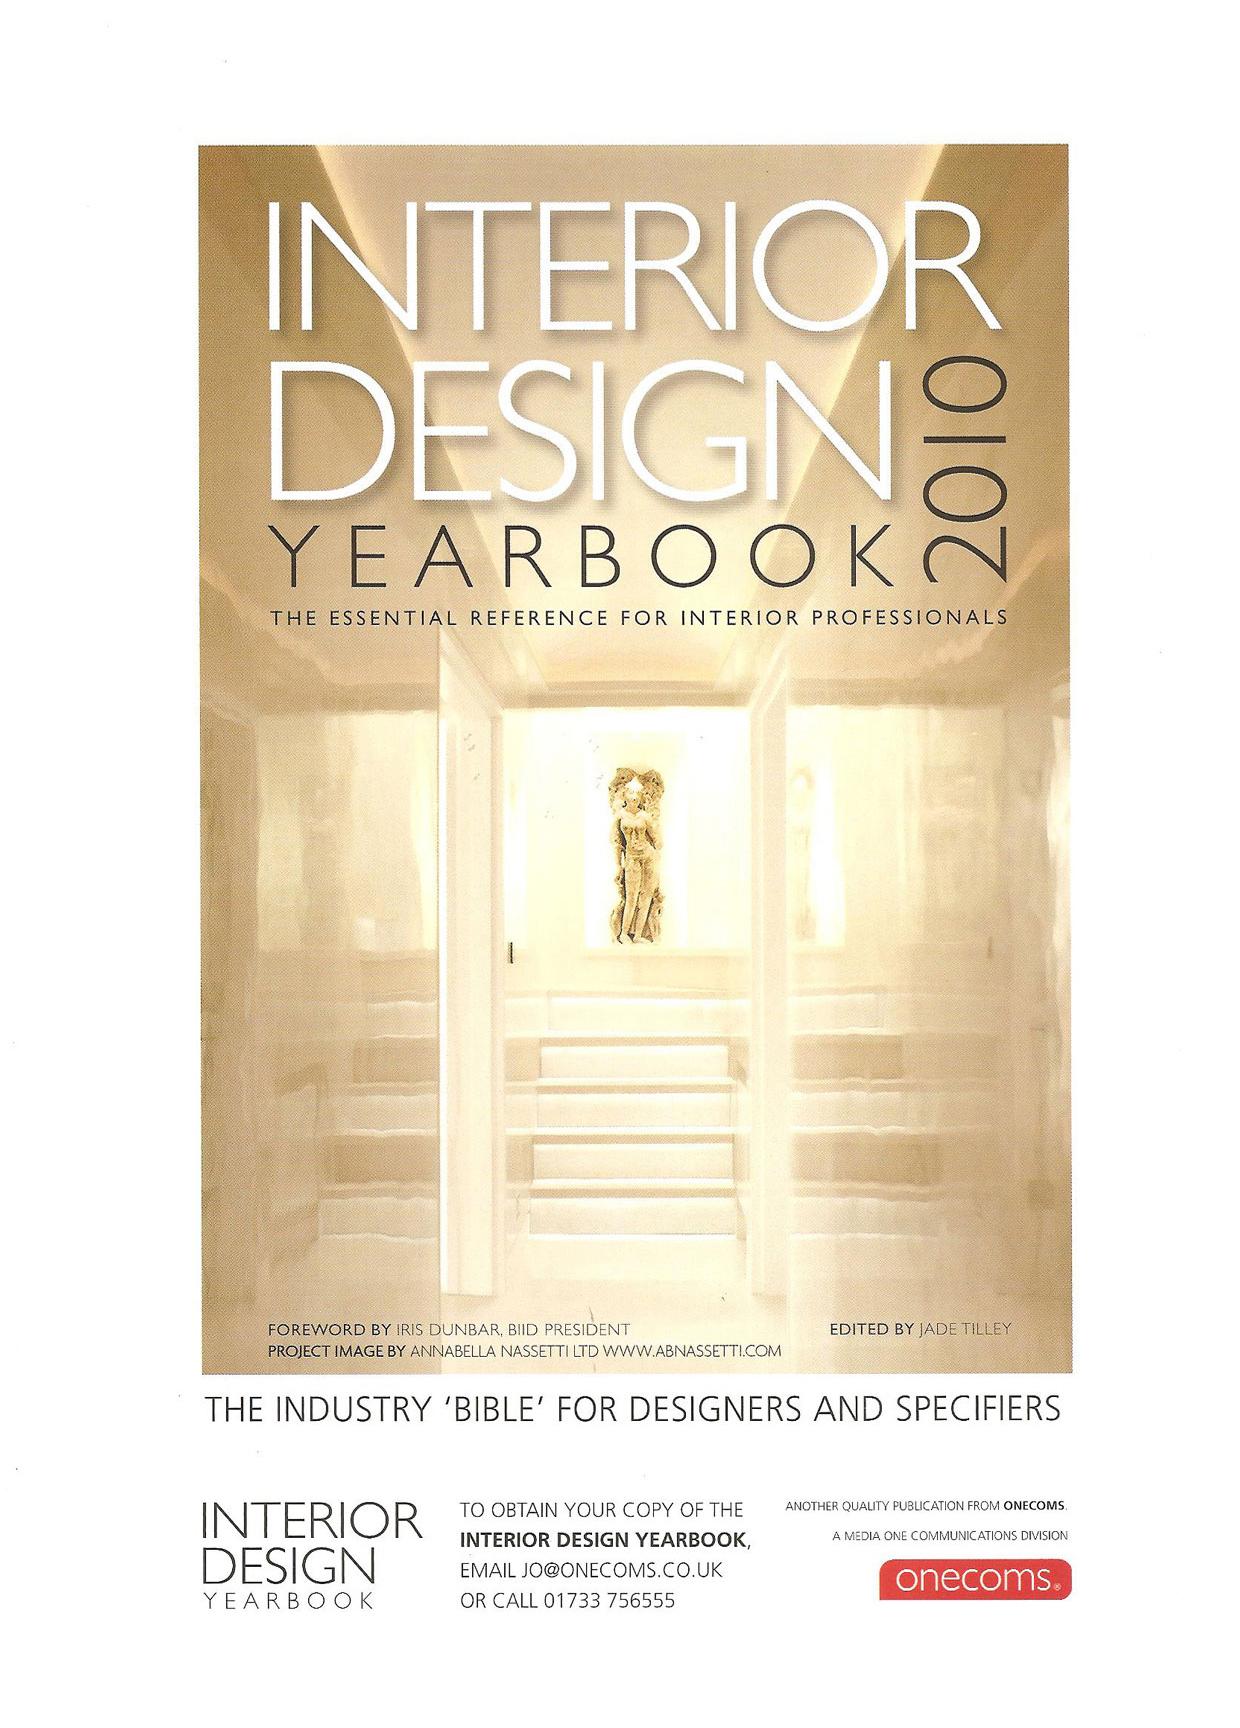 Interior Design Yearbook March 2010